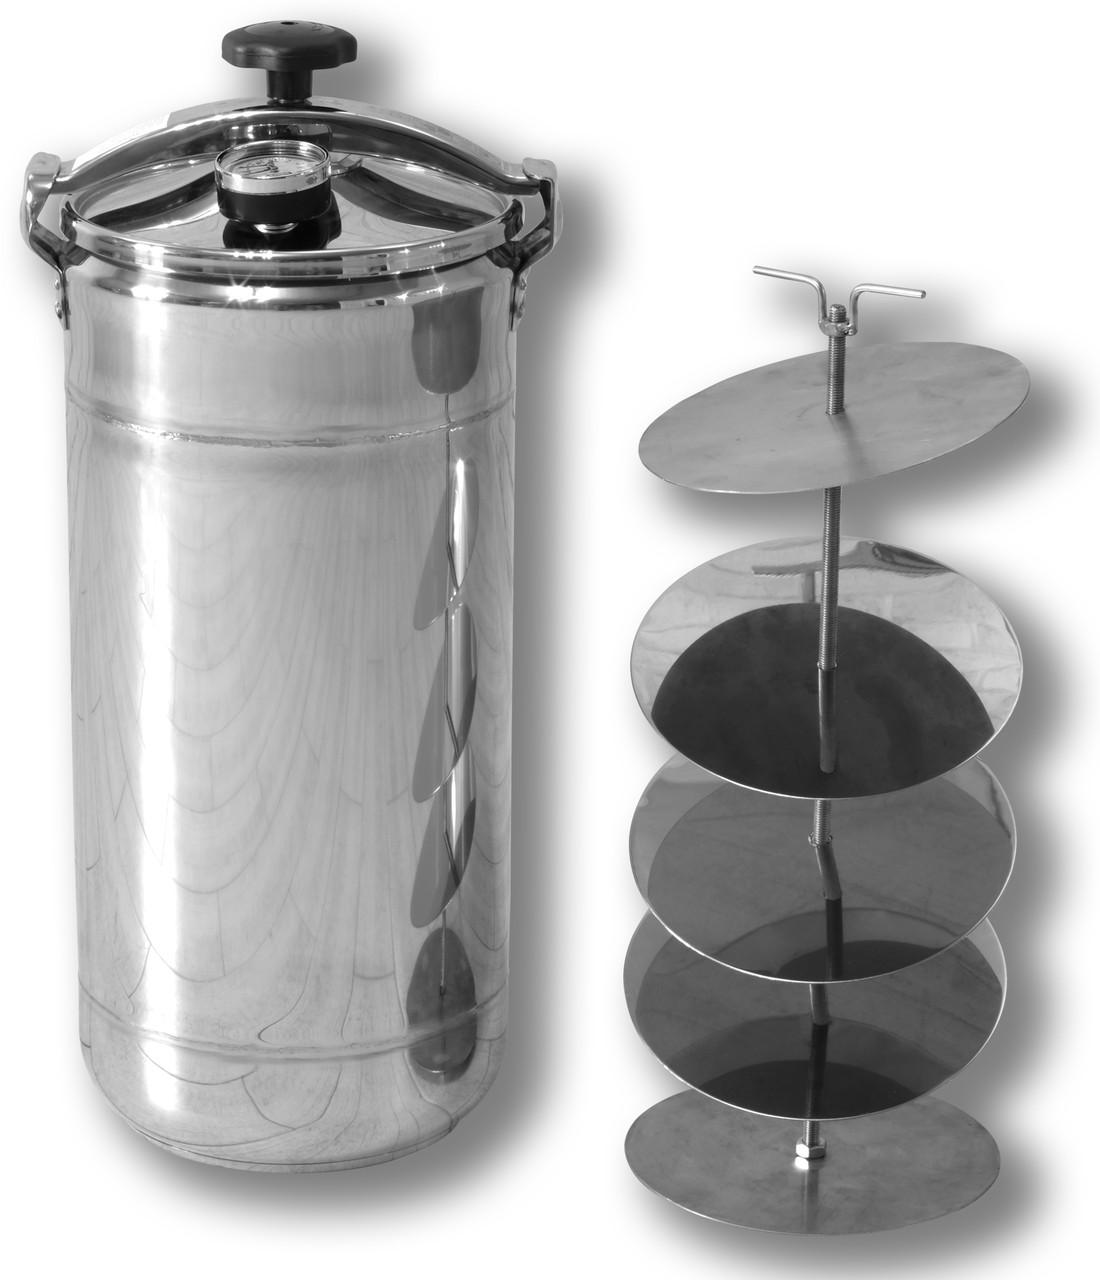 Автоклав кассетный бытовой Бинго Оптимальный на 16 банок, нержавеющая сталь домашний для консервирования